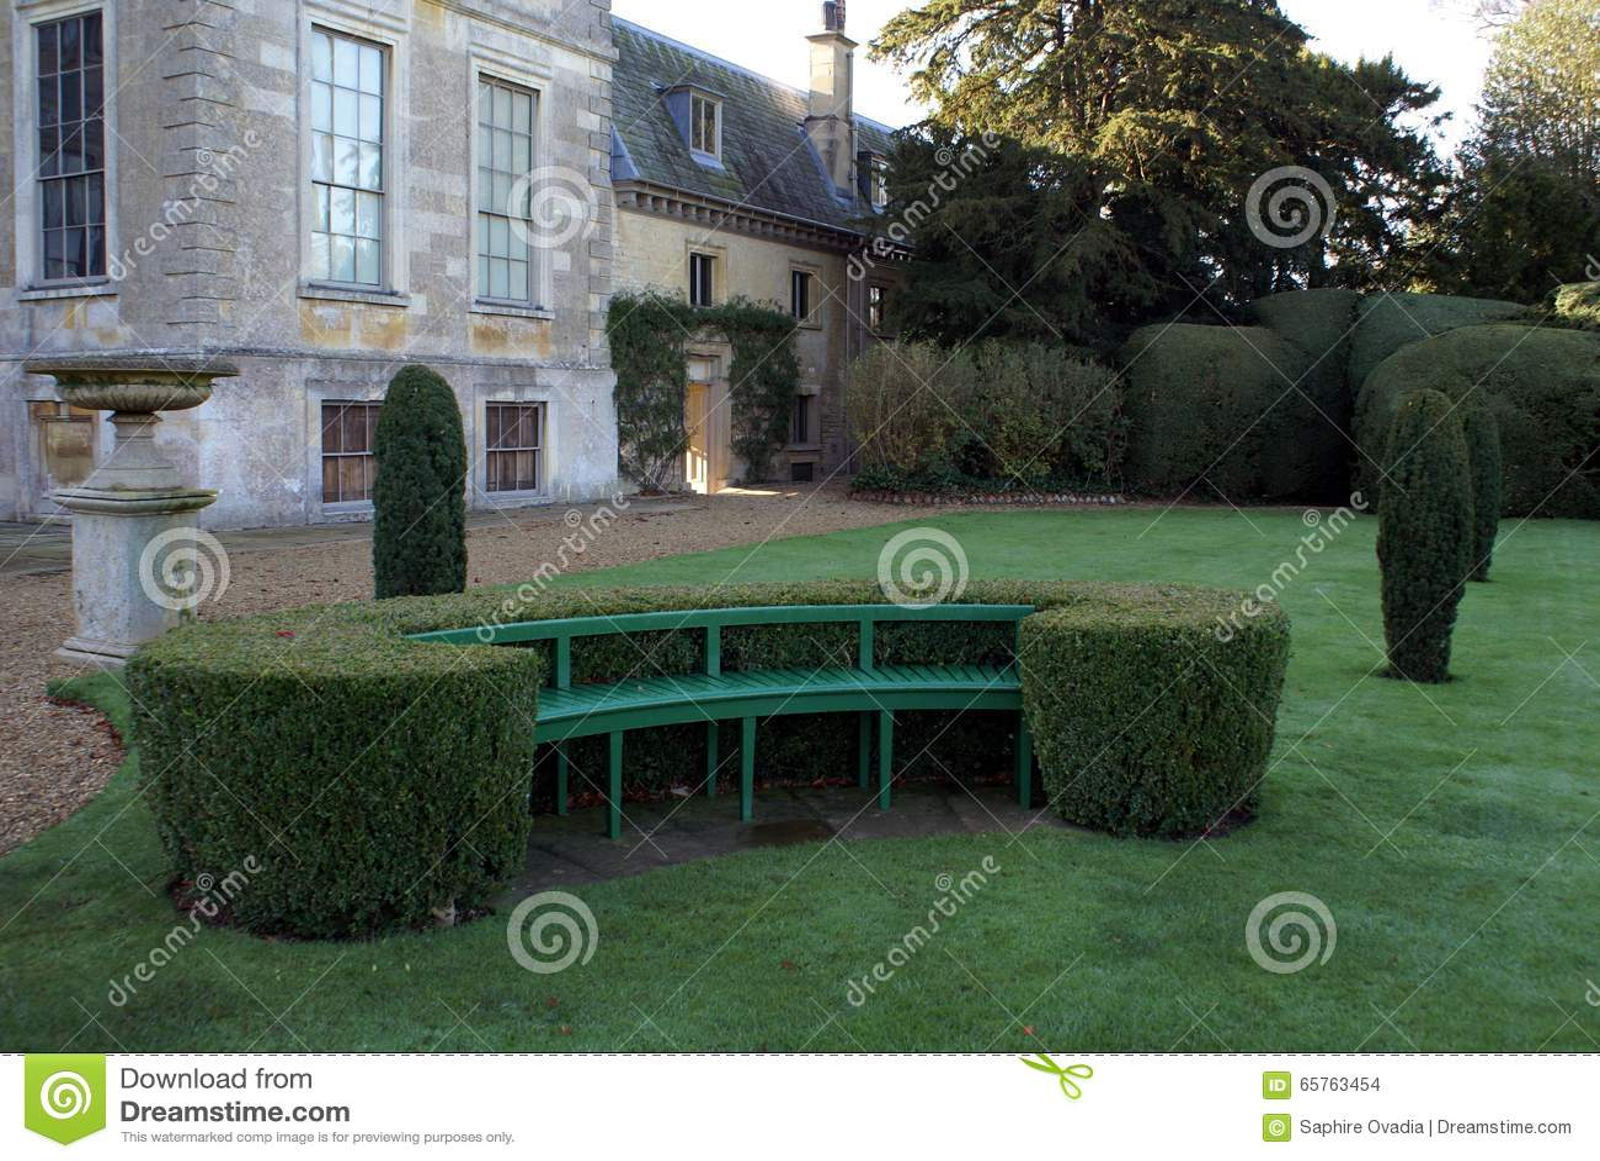 Seat byggde in i häckarbete och tappningurnan på en sockel i en trädgård